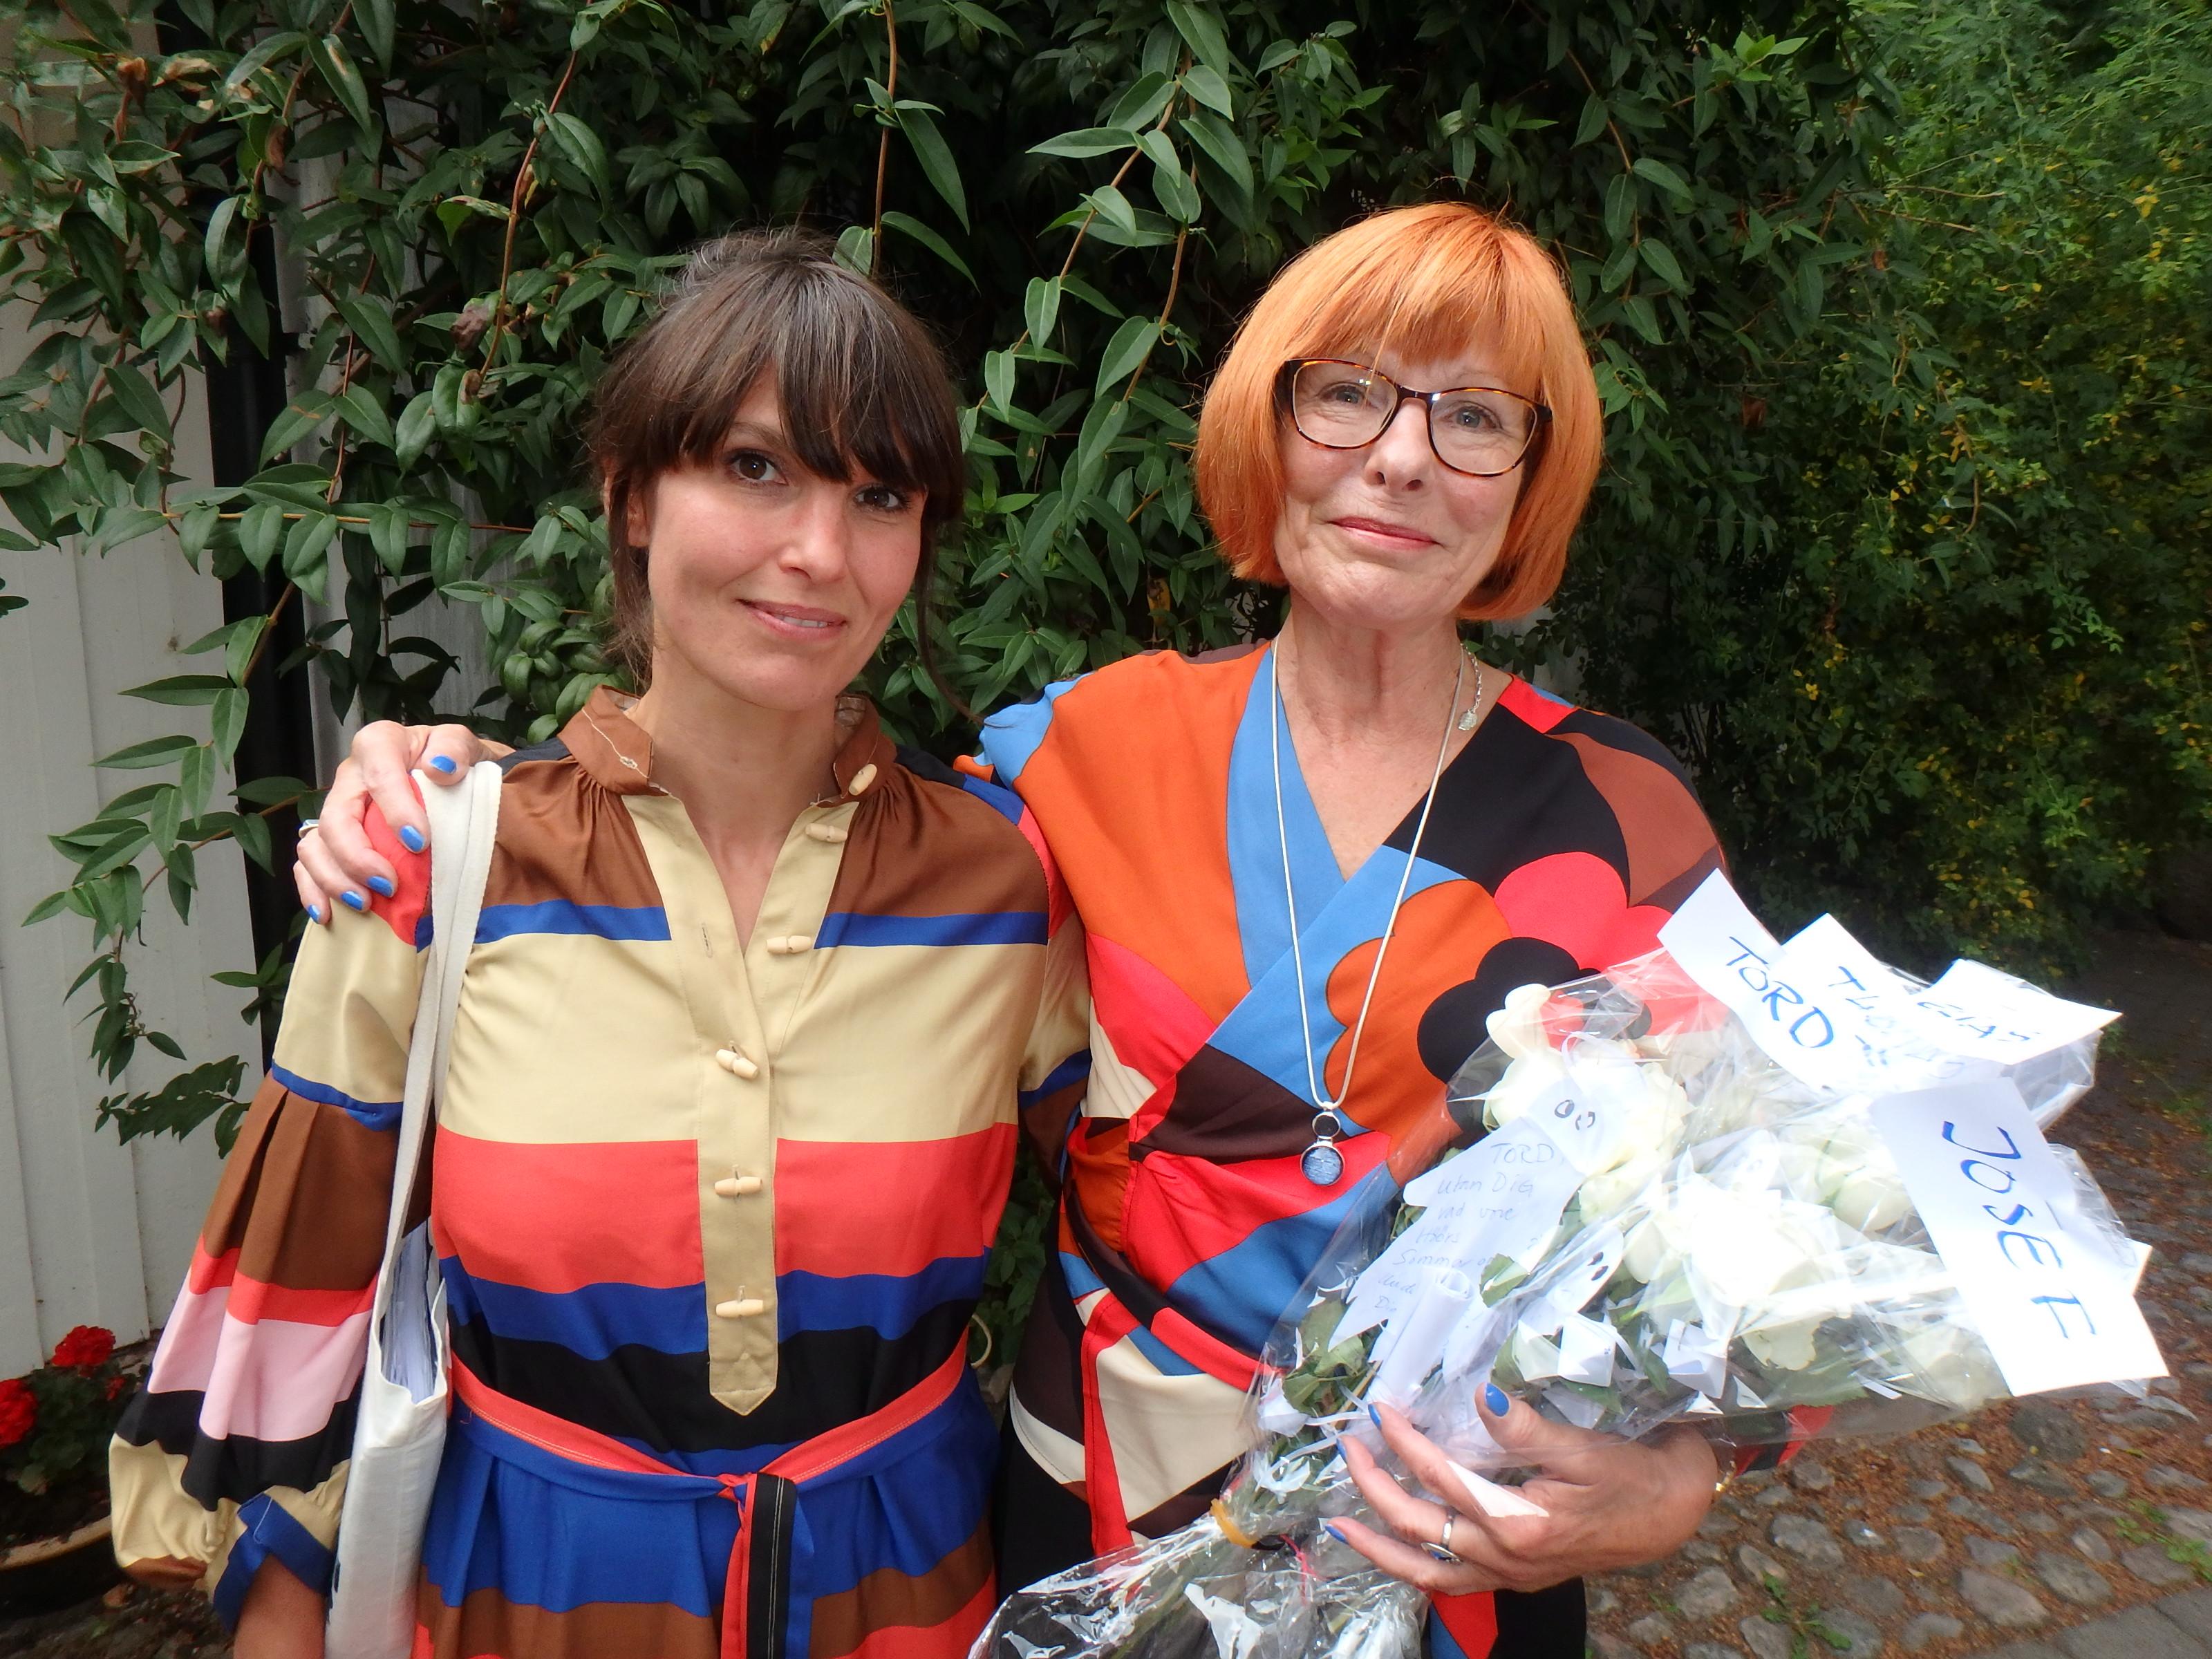 Emily Willman och Kerstin Olin - Matchande premiärdamer - ansvariga för Koreografi och Origami - Foto: Belinda Graham